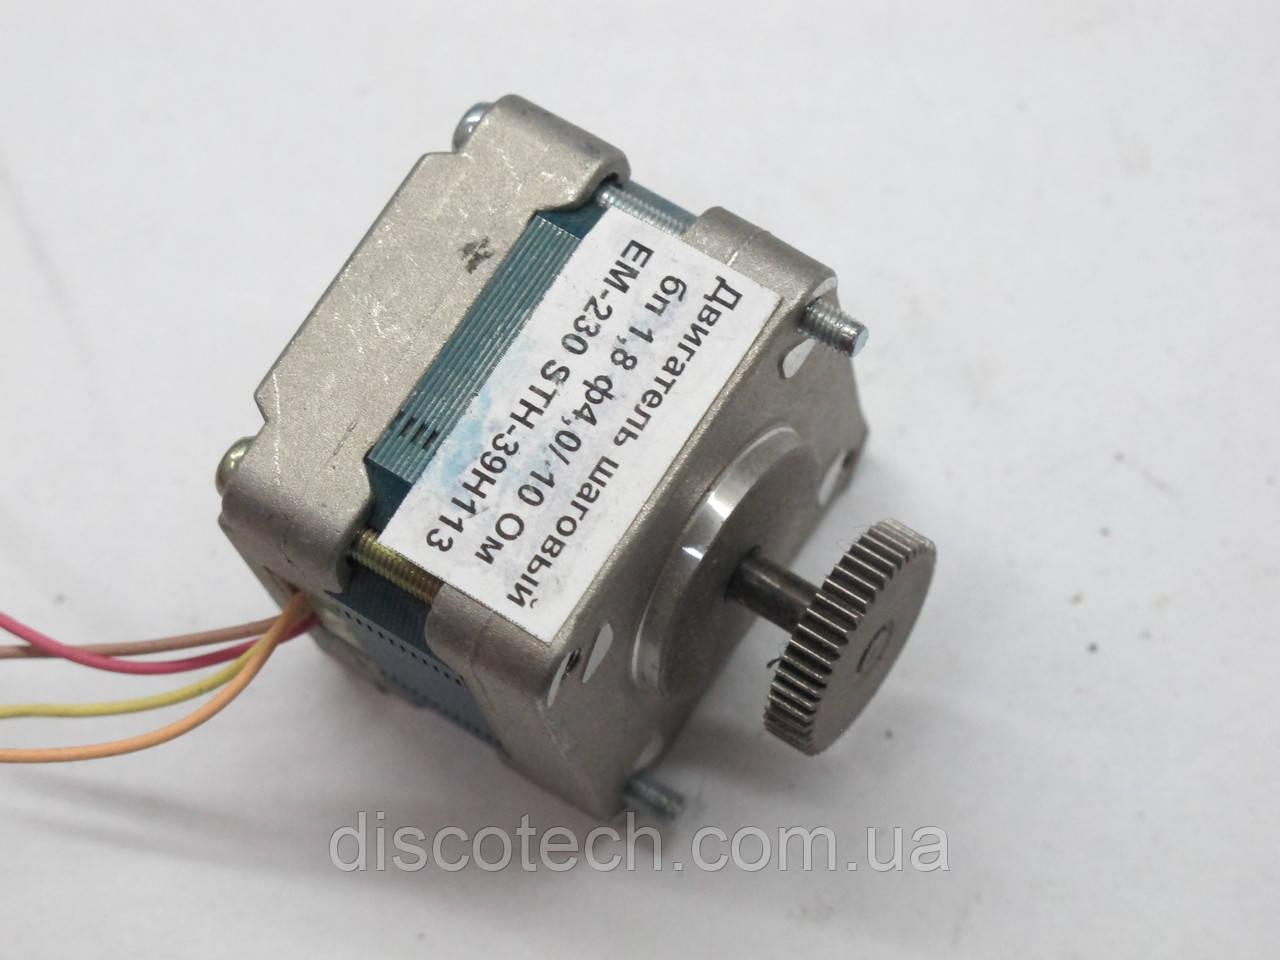 Кроковий двигун бж 1,8 ф4,0/ 10 Ом EM-230 STH-39H113